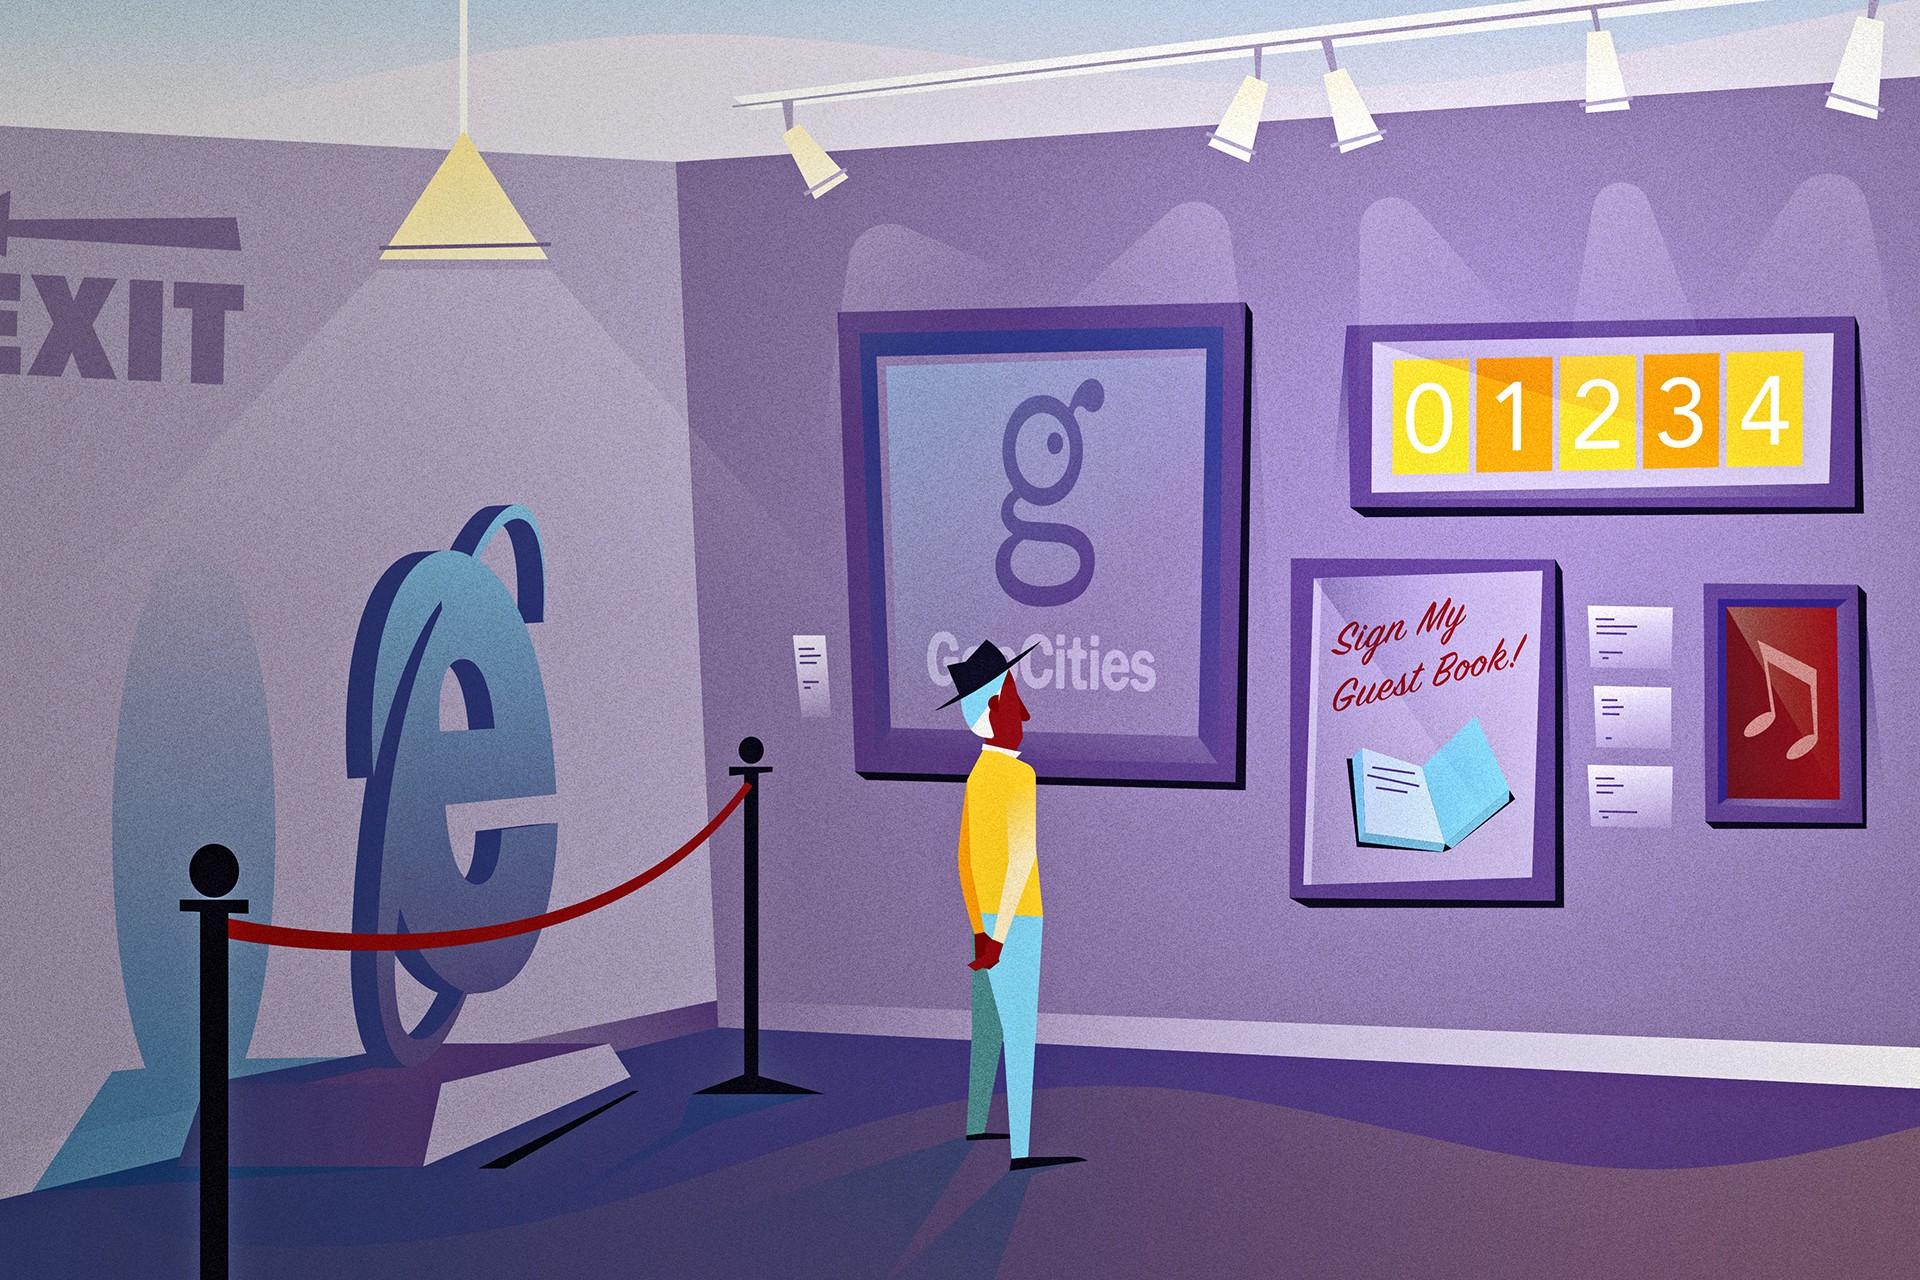 20 web design relics of the old internet - LogRocket Blog